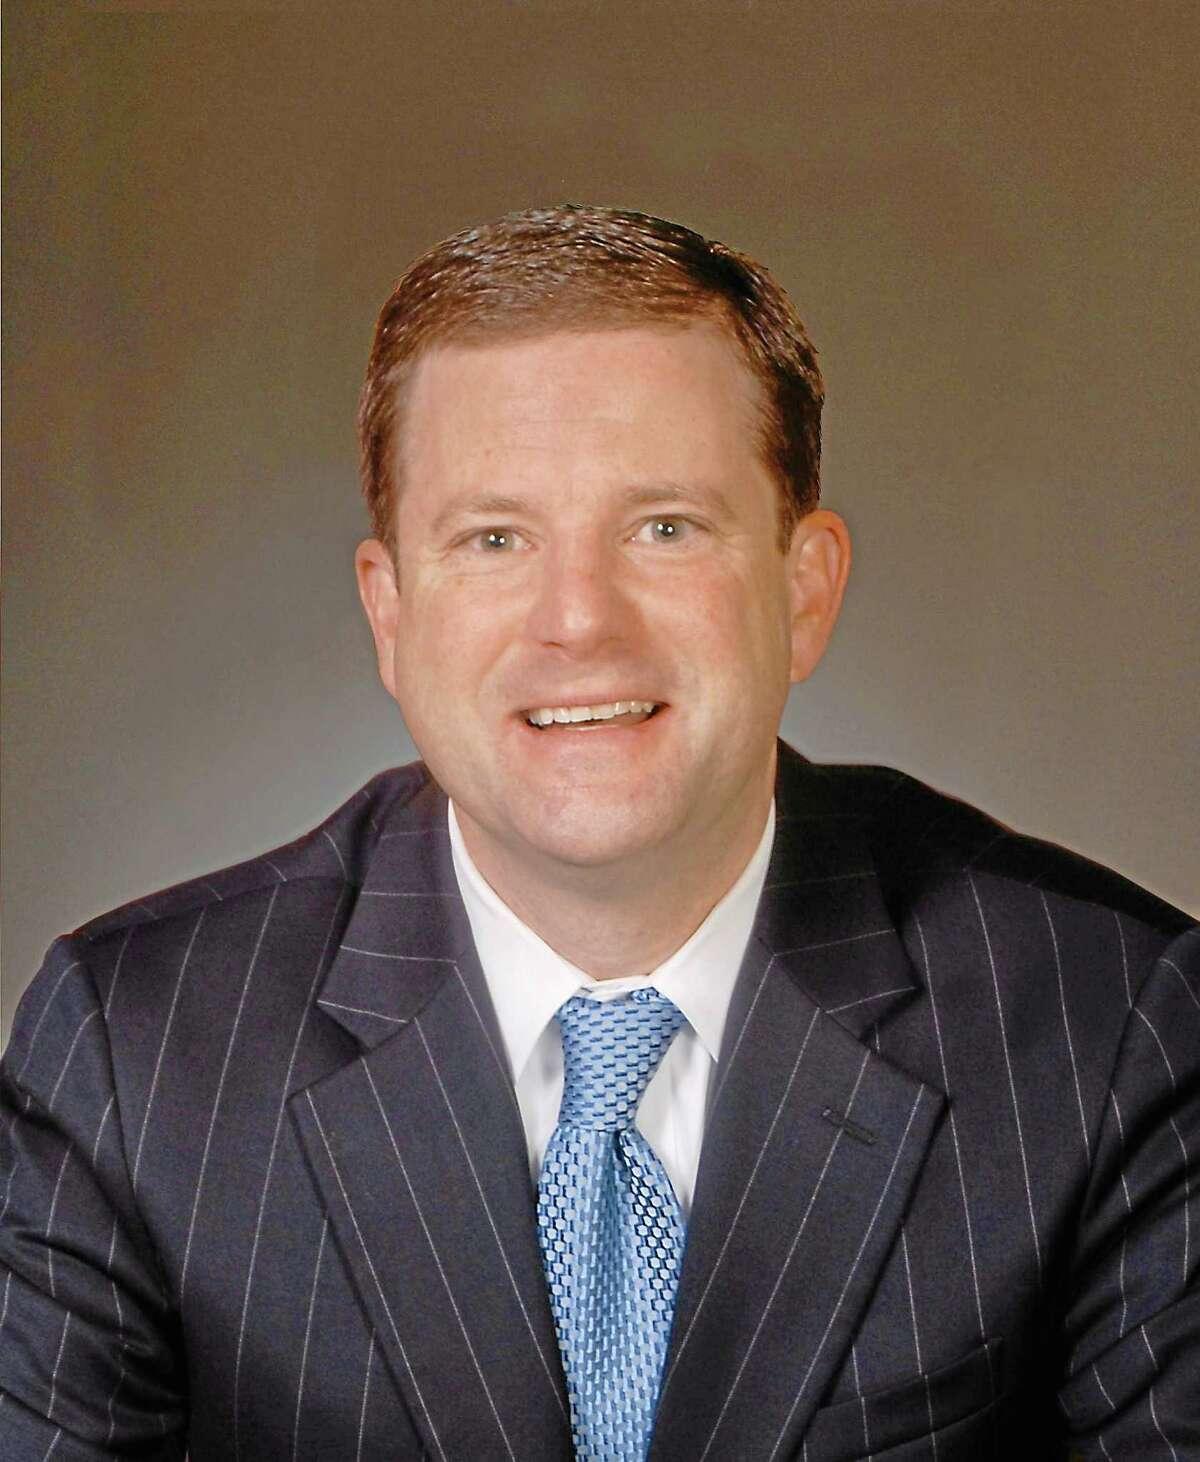 John McKinney